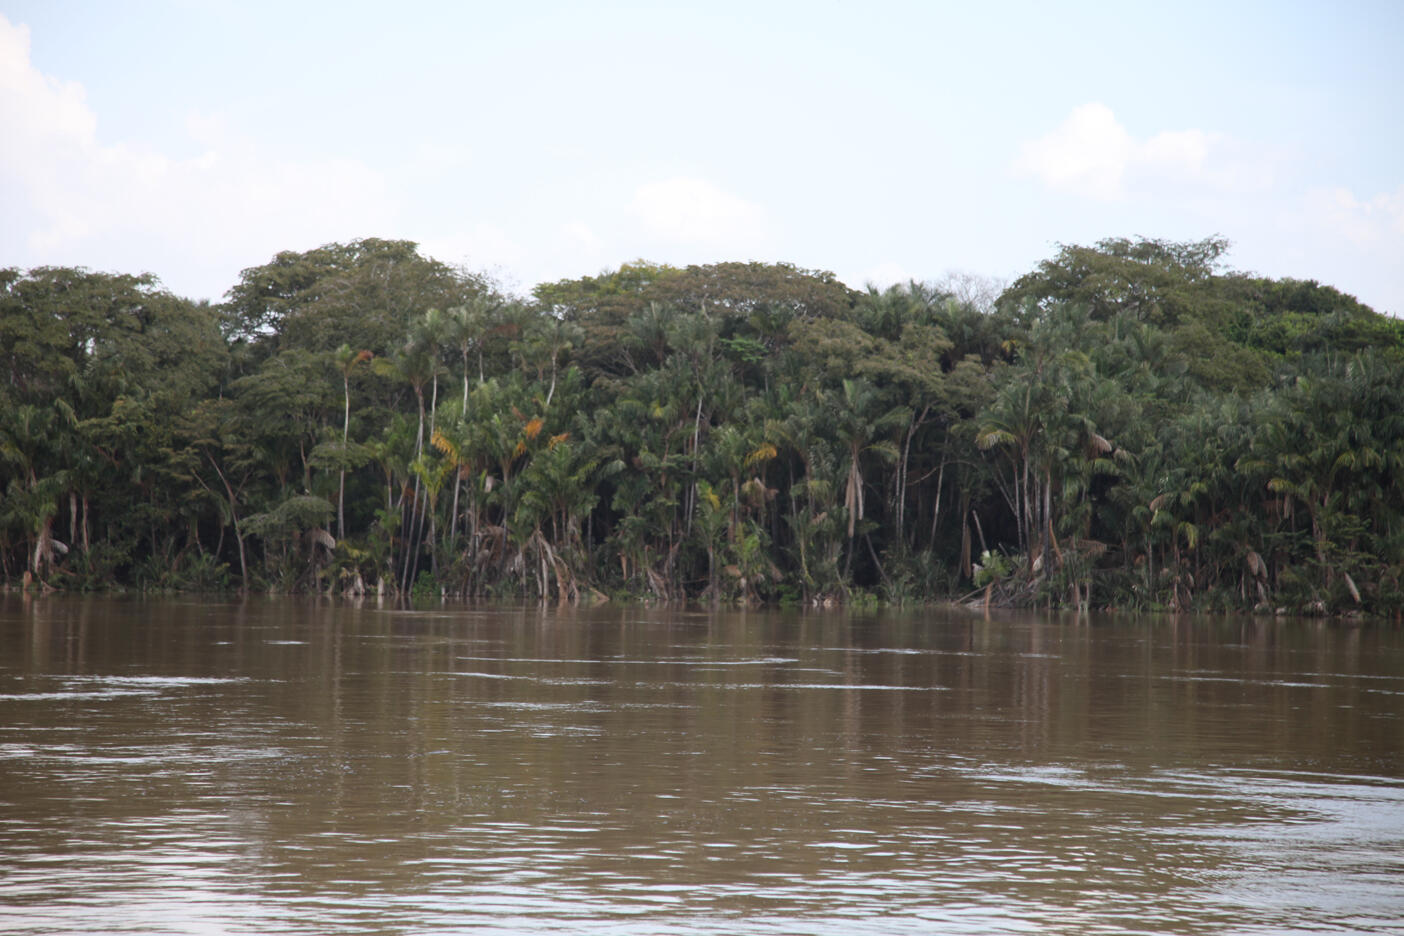 Berges des fleuves en Amazonie.